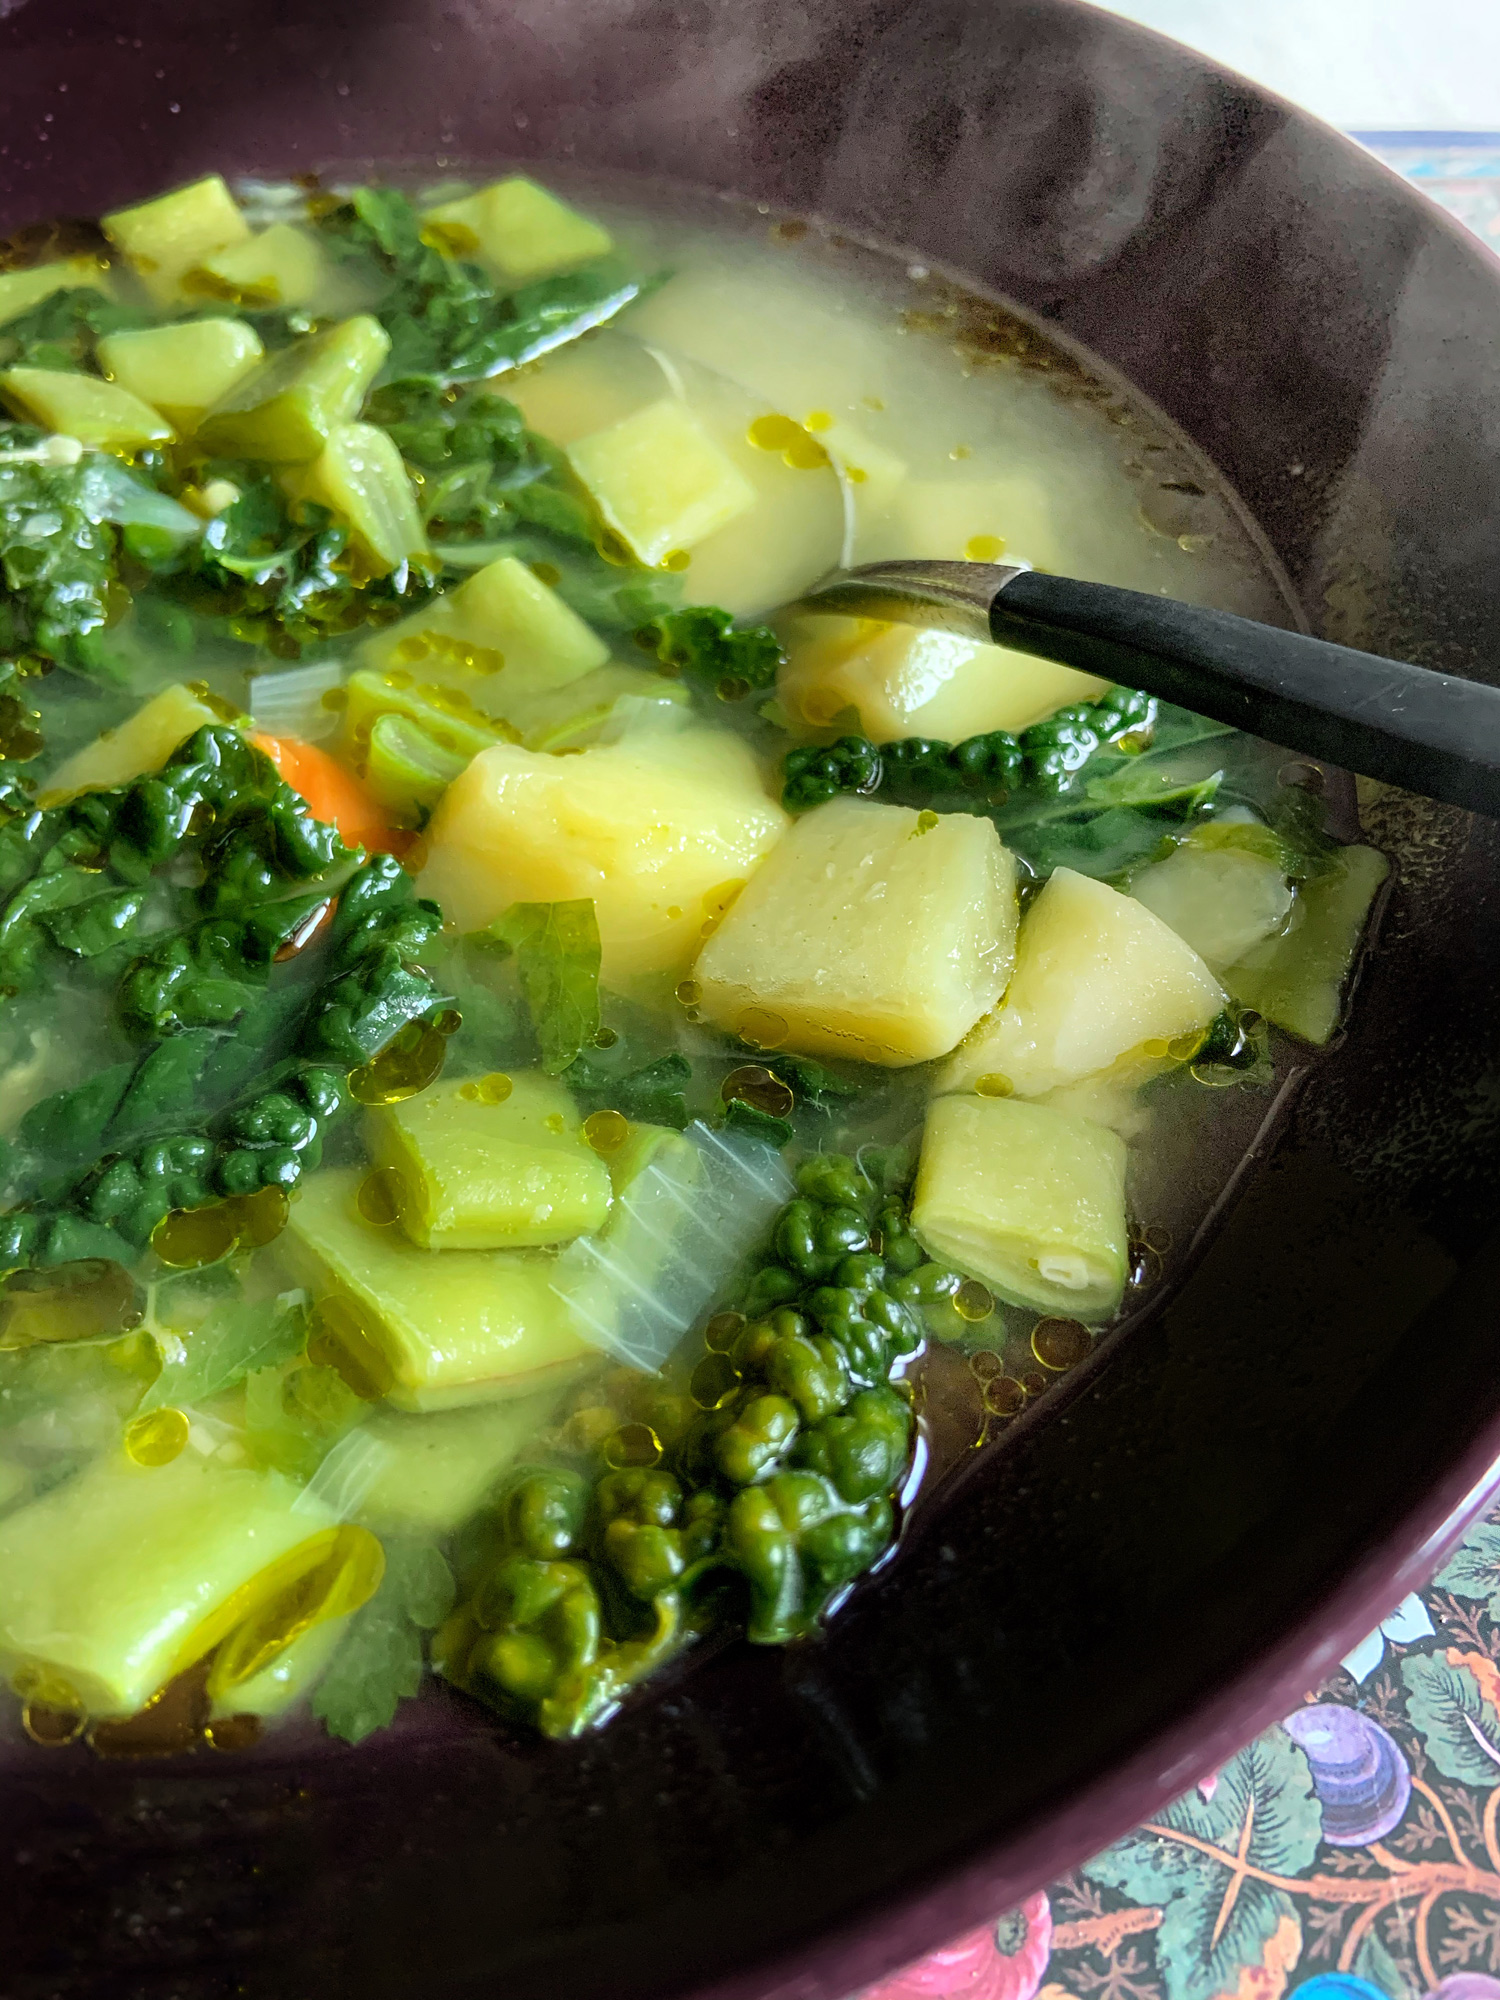 Minestrone al cavolo nero, la mia Monday Soup #22 è veloce, gustosa, vegetariana e vegana | ©foto Sandra Longinotti